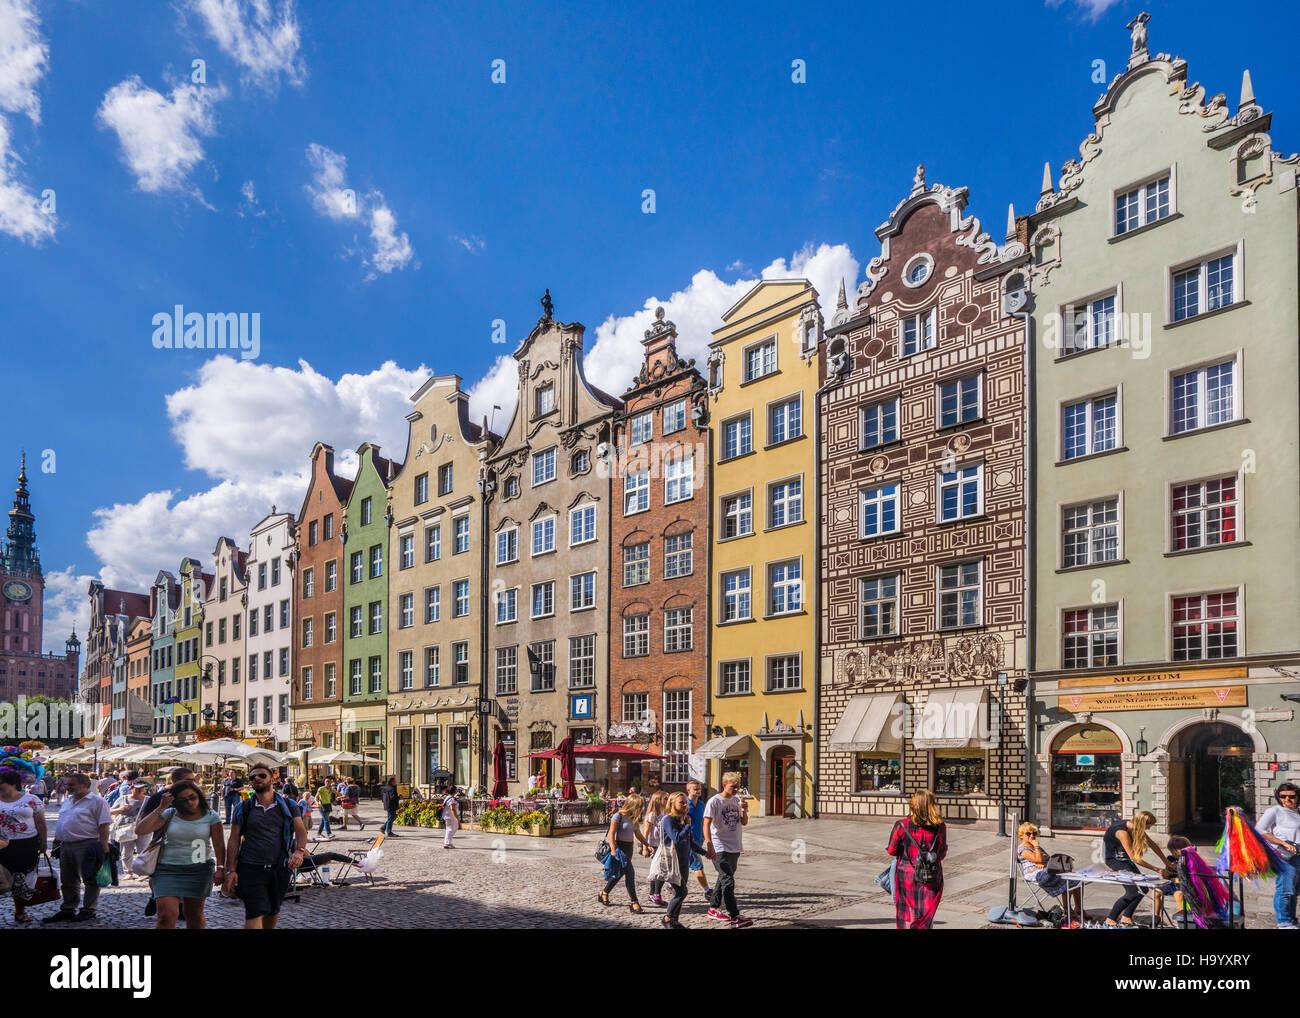 Poland, Pomerania, Gdansk (Danzig), patrician houses at Long Market (Langer Markt/Dlugi Targ) - Stock Image